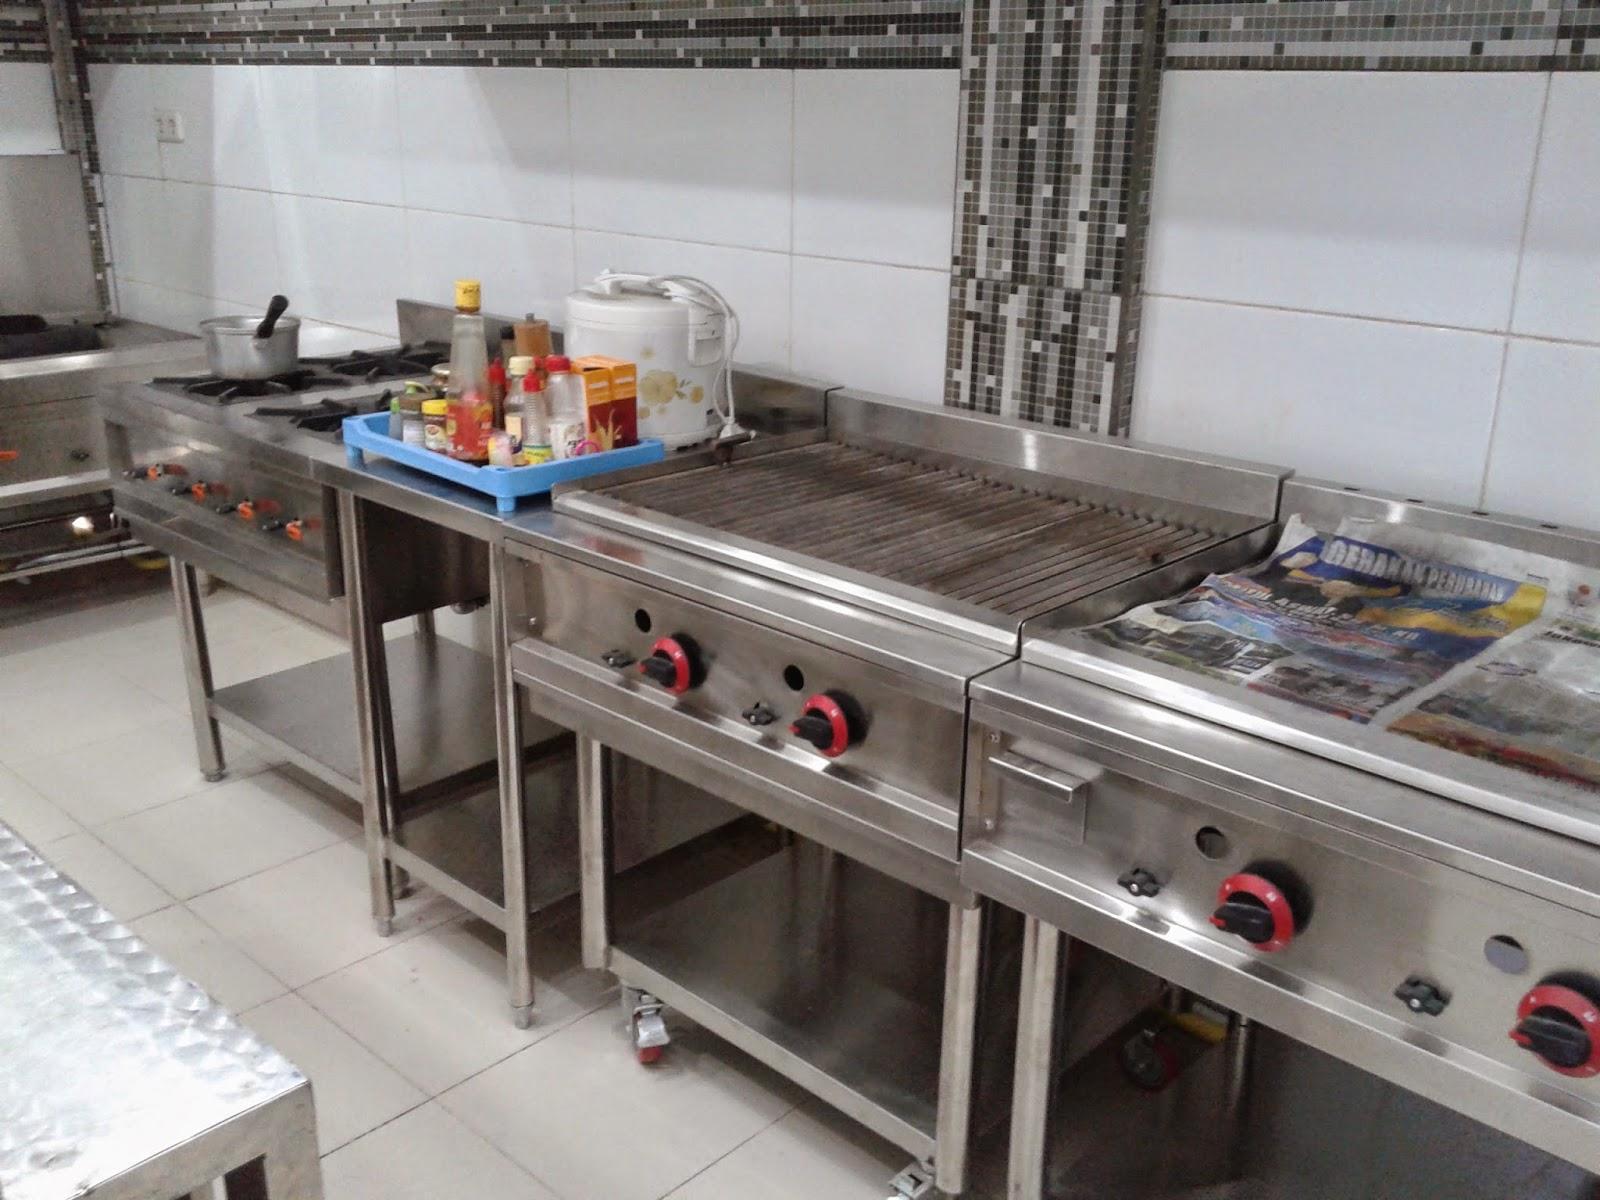 Keuntungan Dari Dapur Dan Perabot Stainless Itu Sendiri Terletak Pada Ketahanan Untuk Beberapa Tahun Kedepan Bisa Dibilang Steel Begitu Tahan